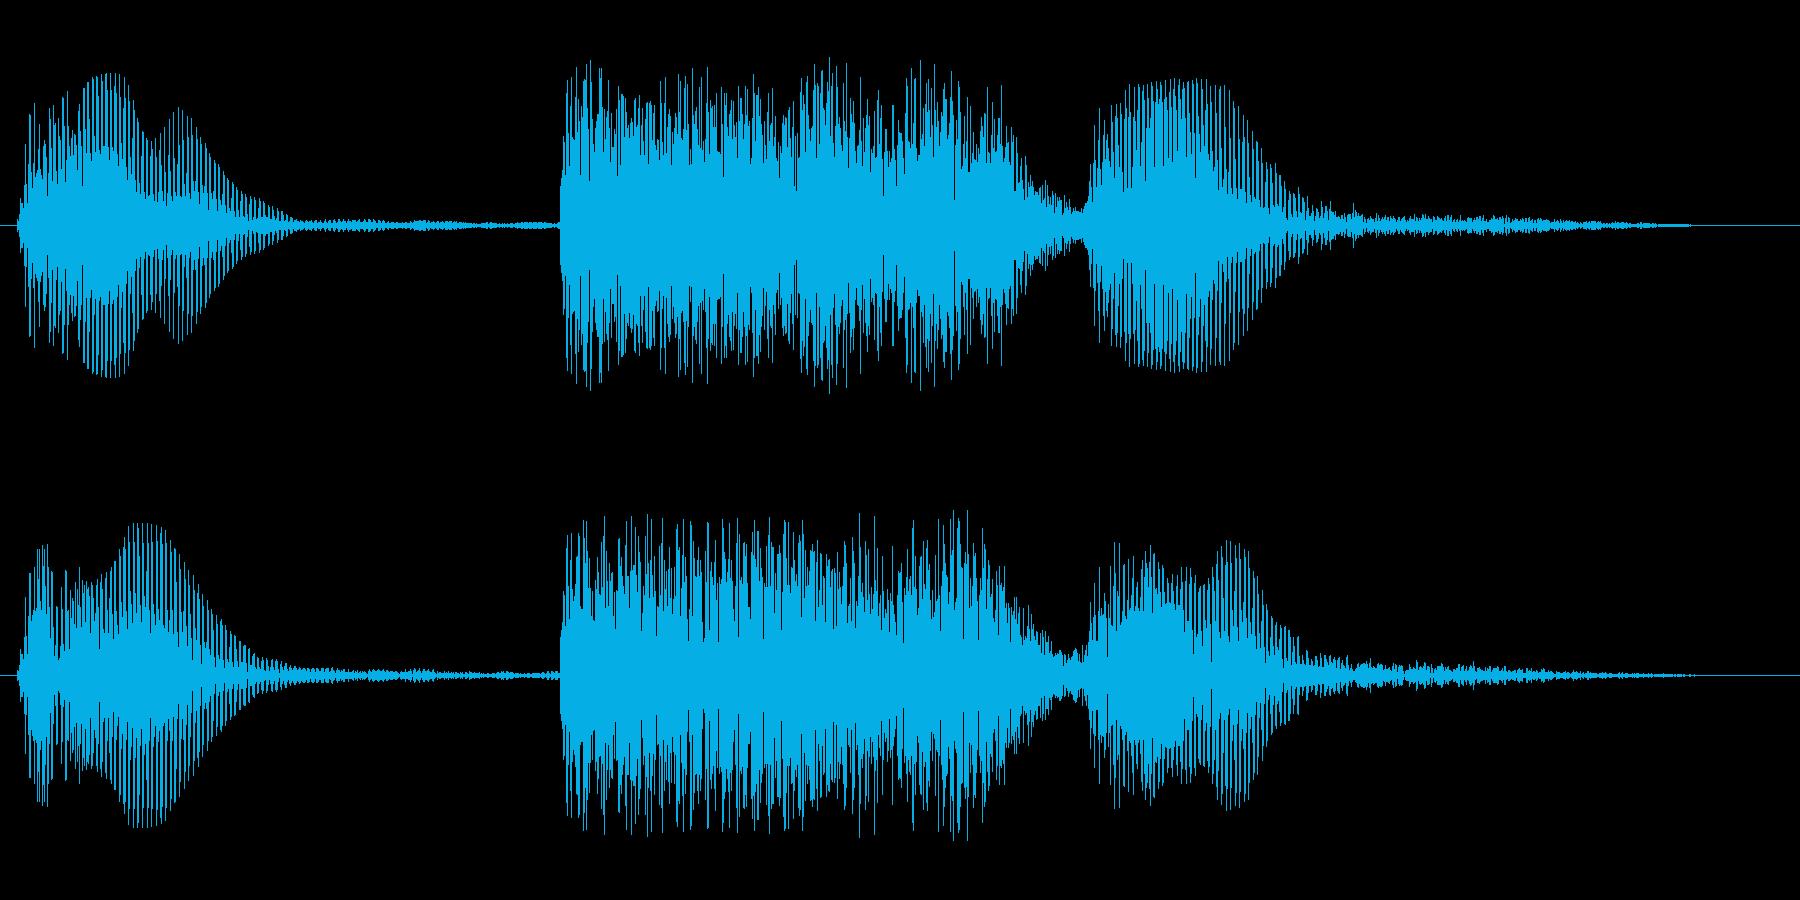 金管楽器風の短いフレーズの再生済みの波形